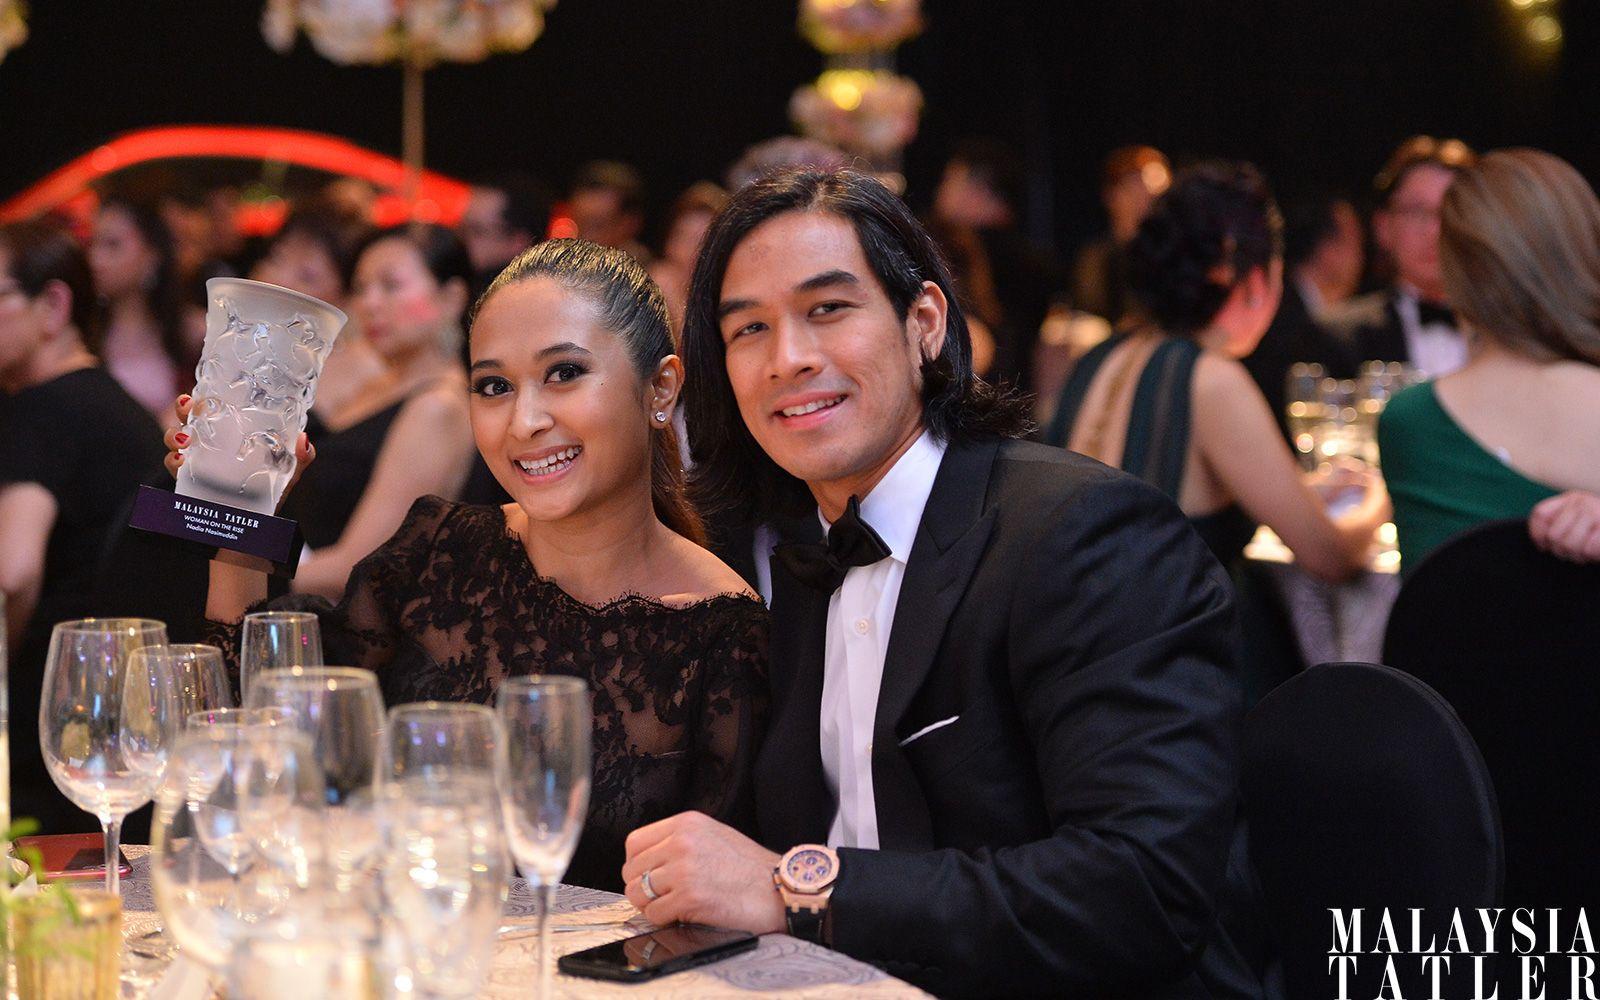 Nadia Nasimuddin and Hamzah Alang